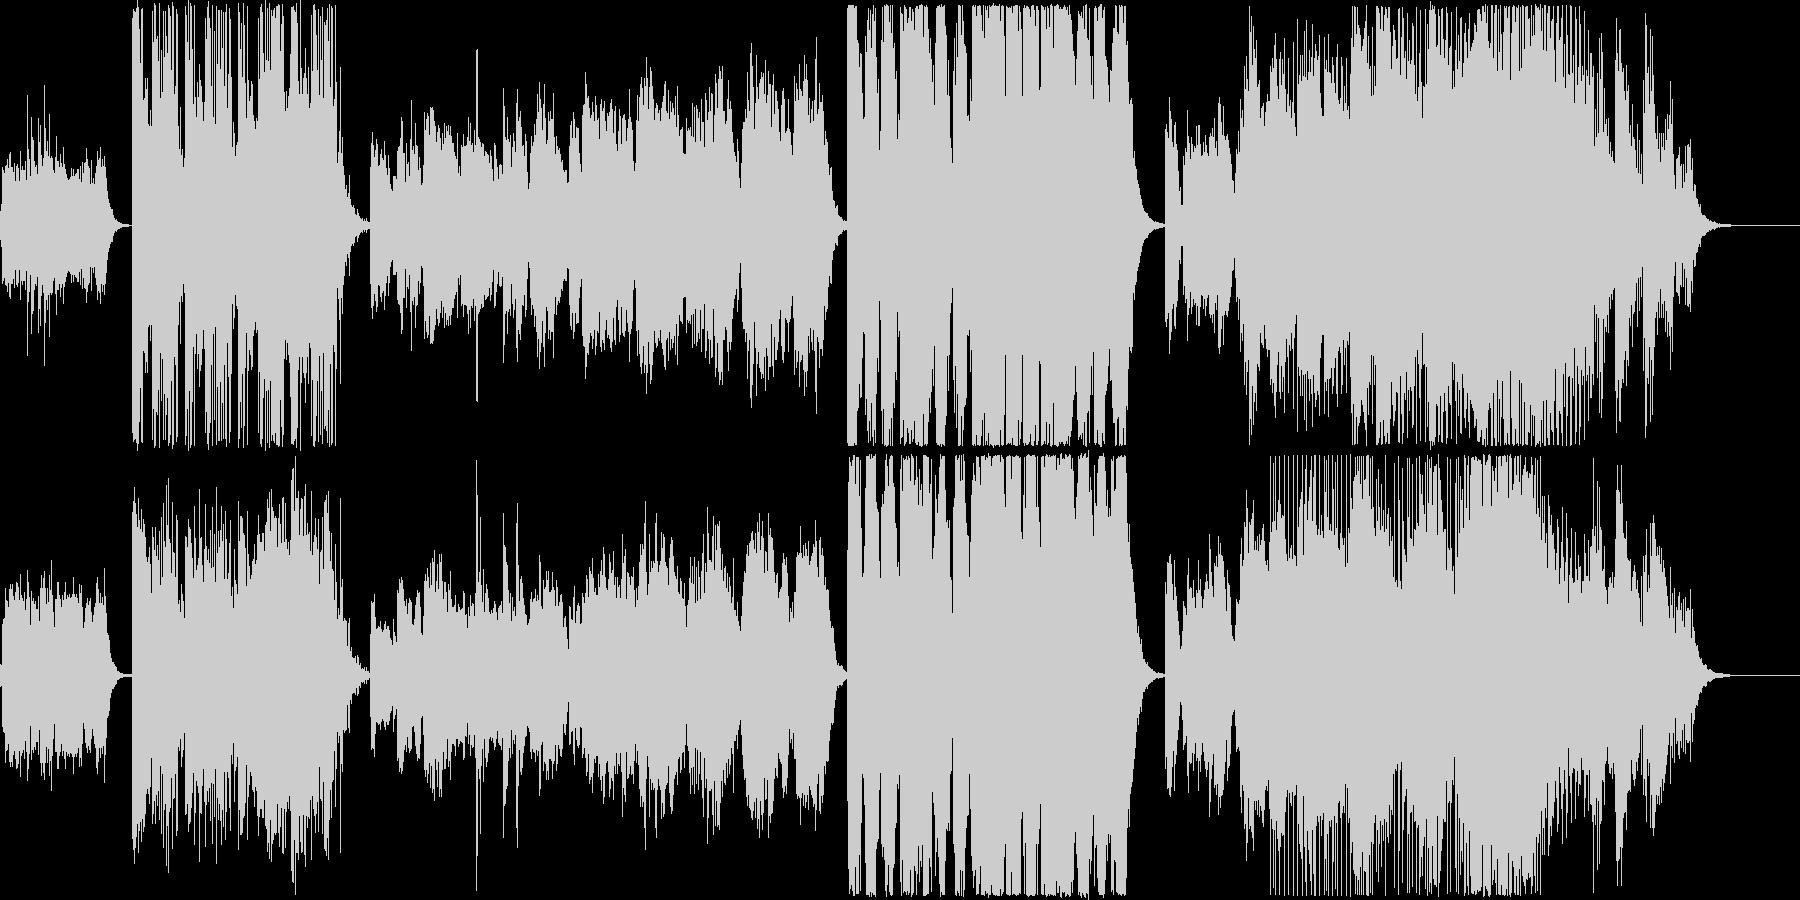 変化の激しいピアノシンセオーケストラの未再生の波形